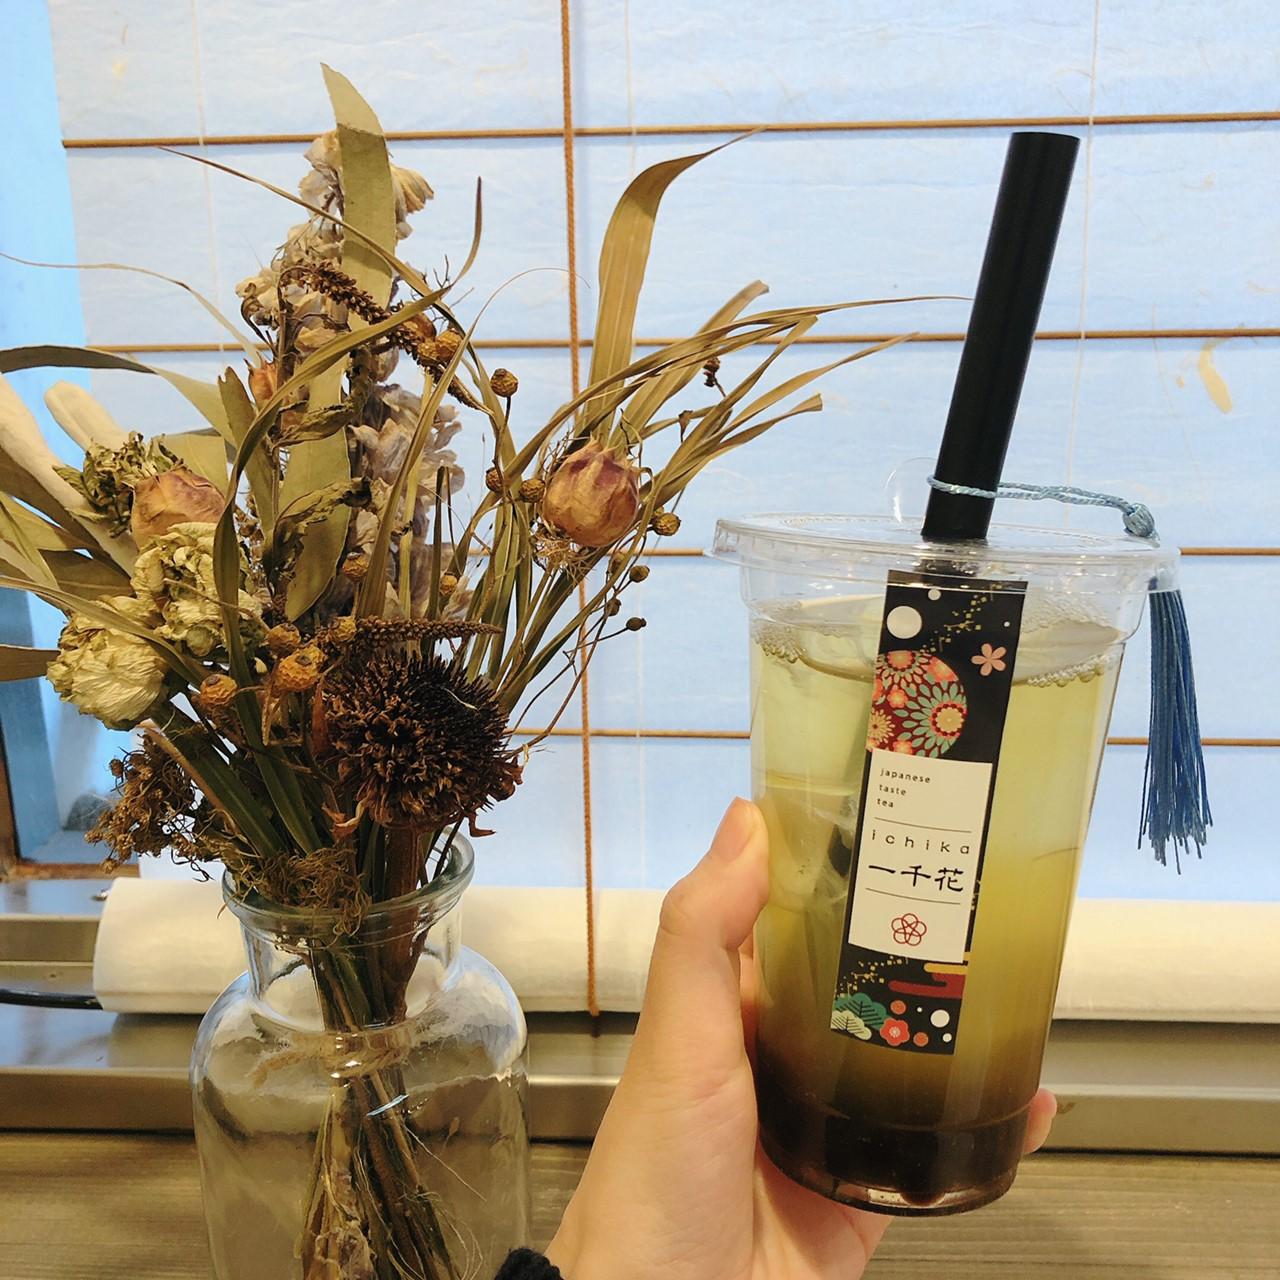 矢場町|本格的な日本茶と抹茶が楽しめる日本茶専門店!喧騒を忘れられる落ち着いた雰囲気のカフェ